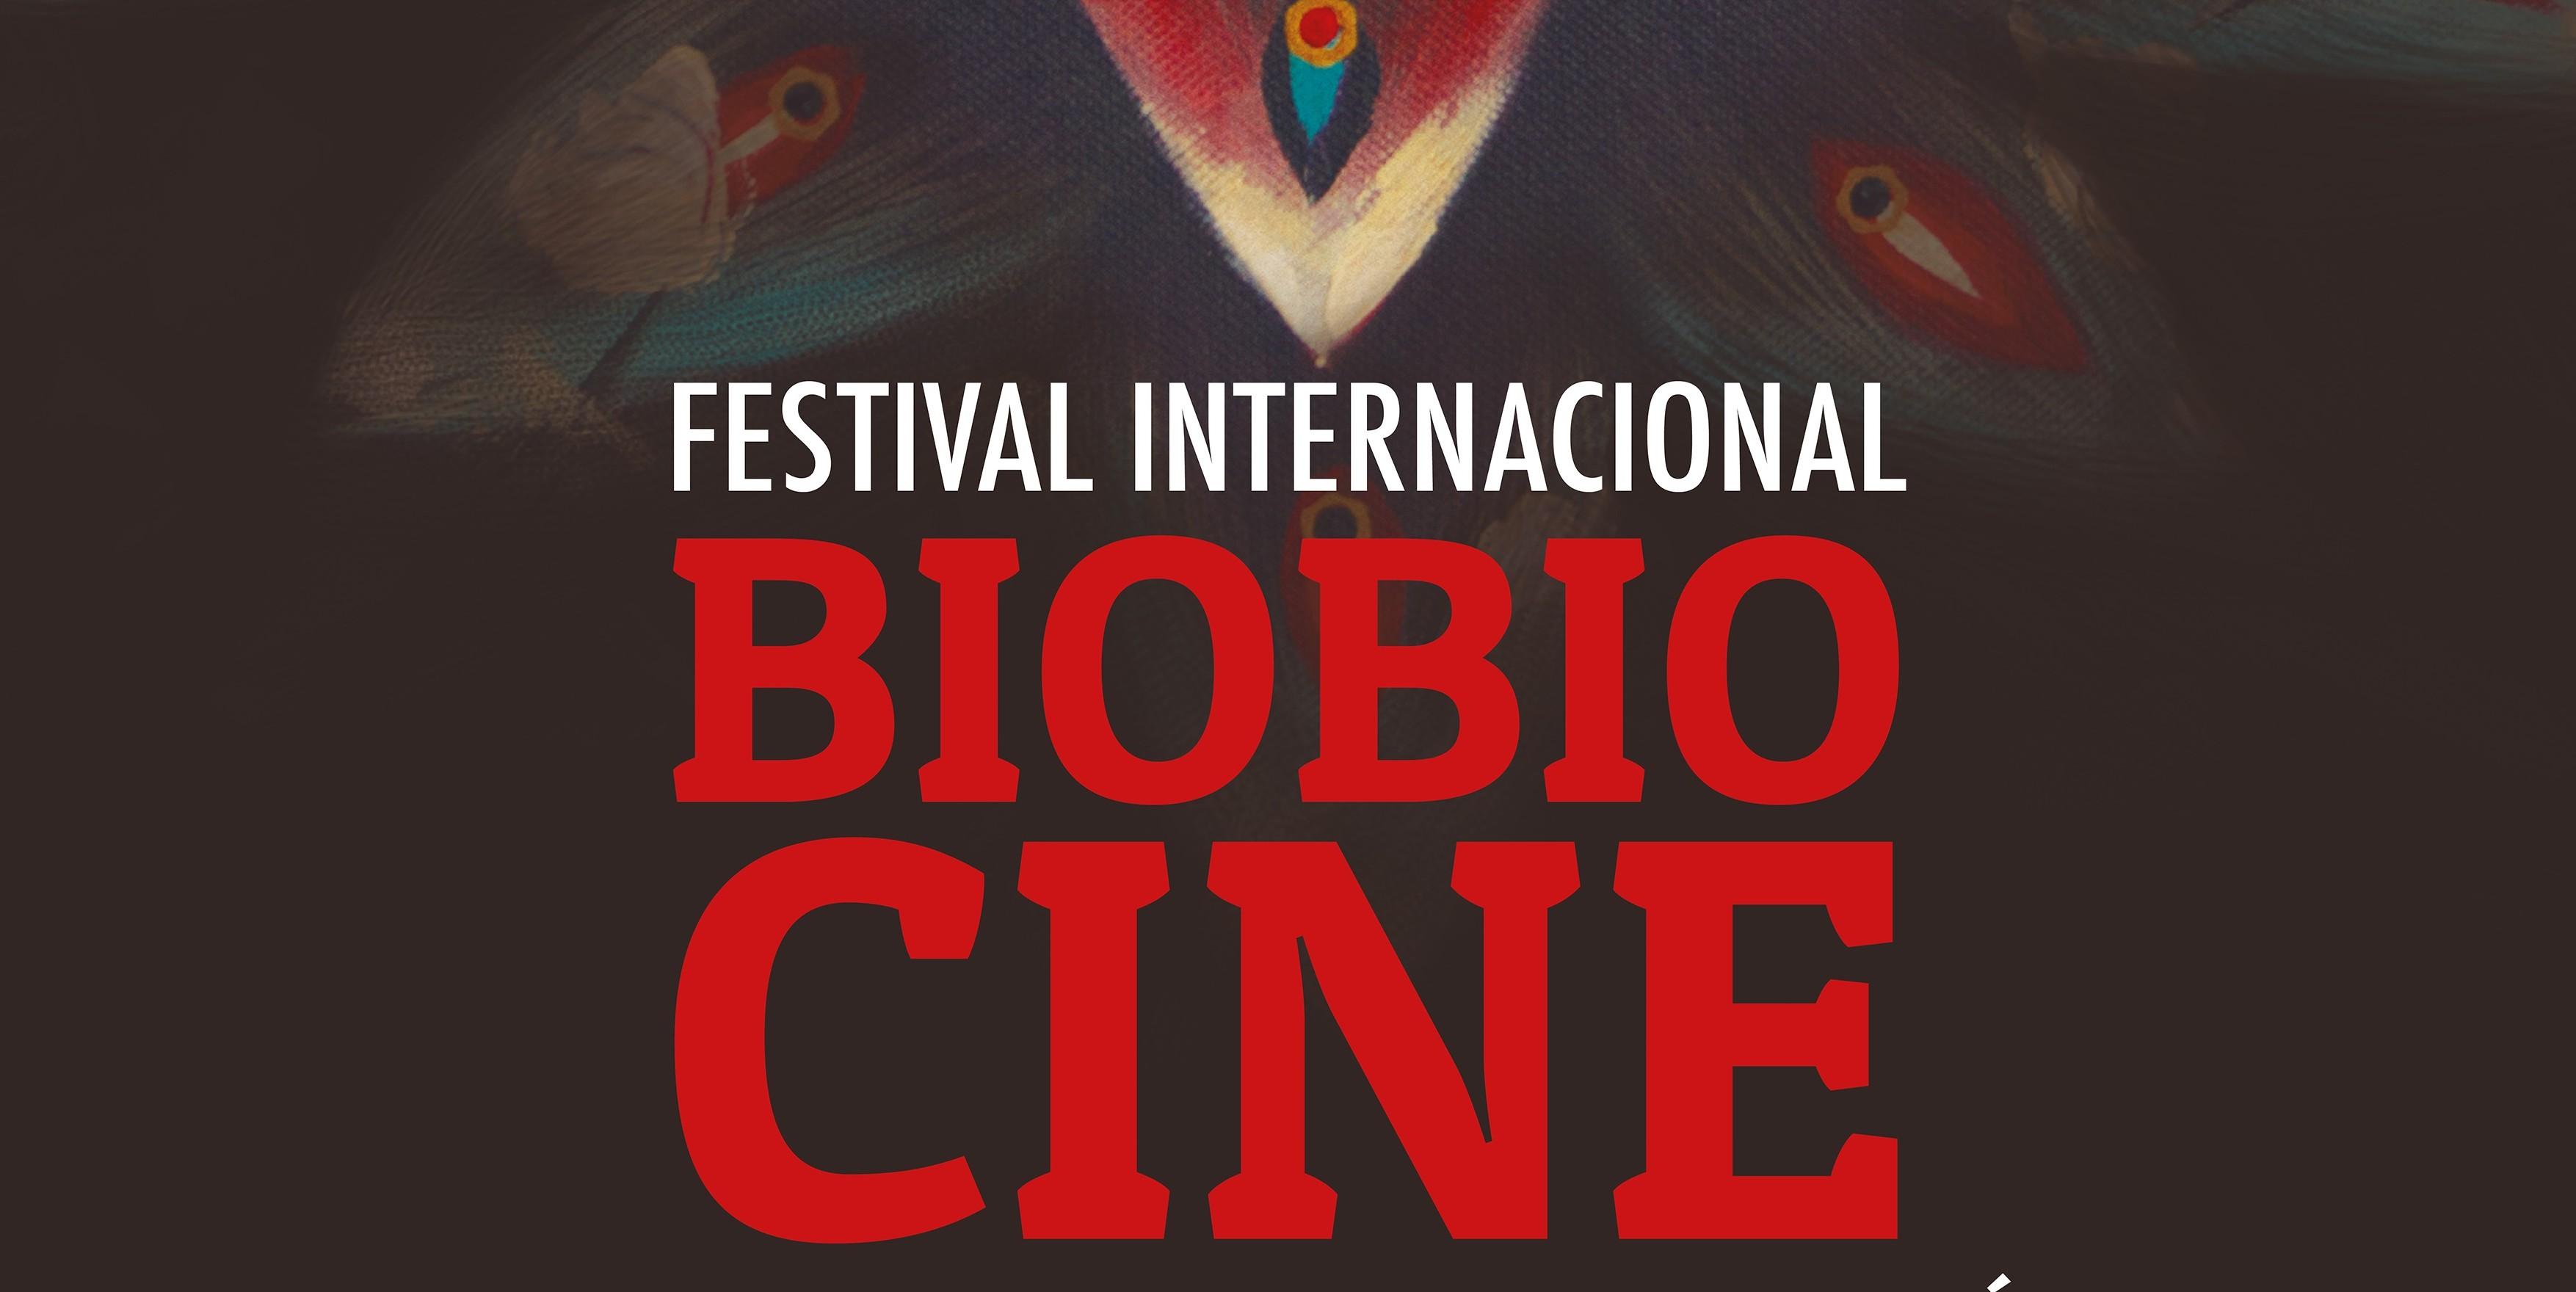 BioBioCine